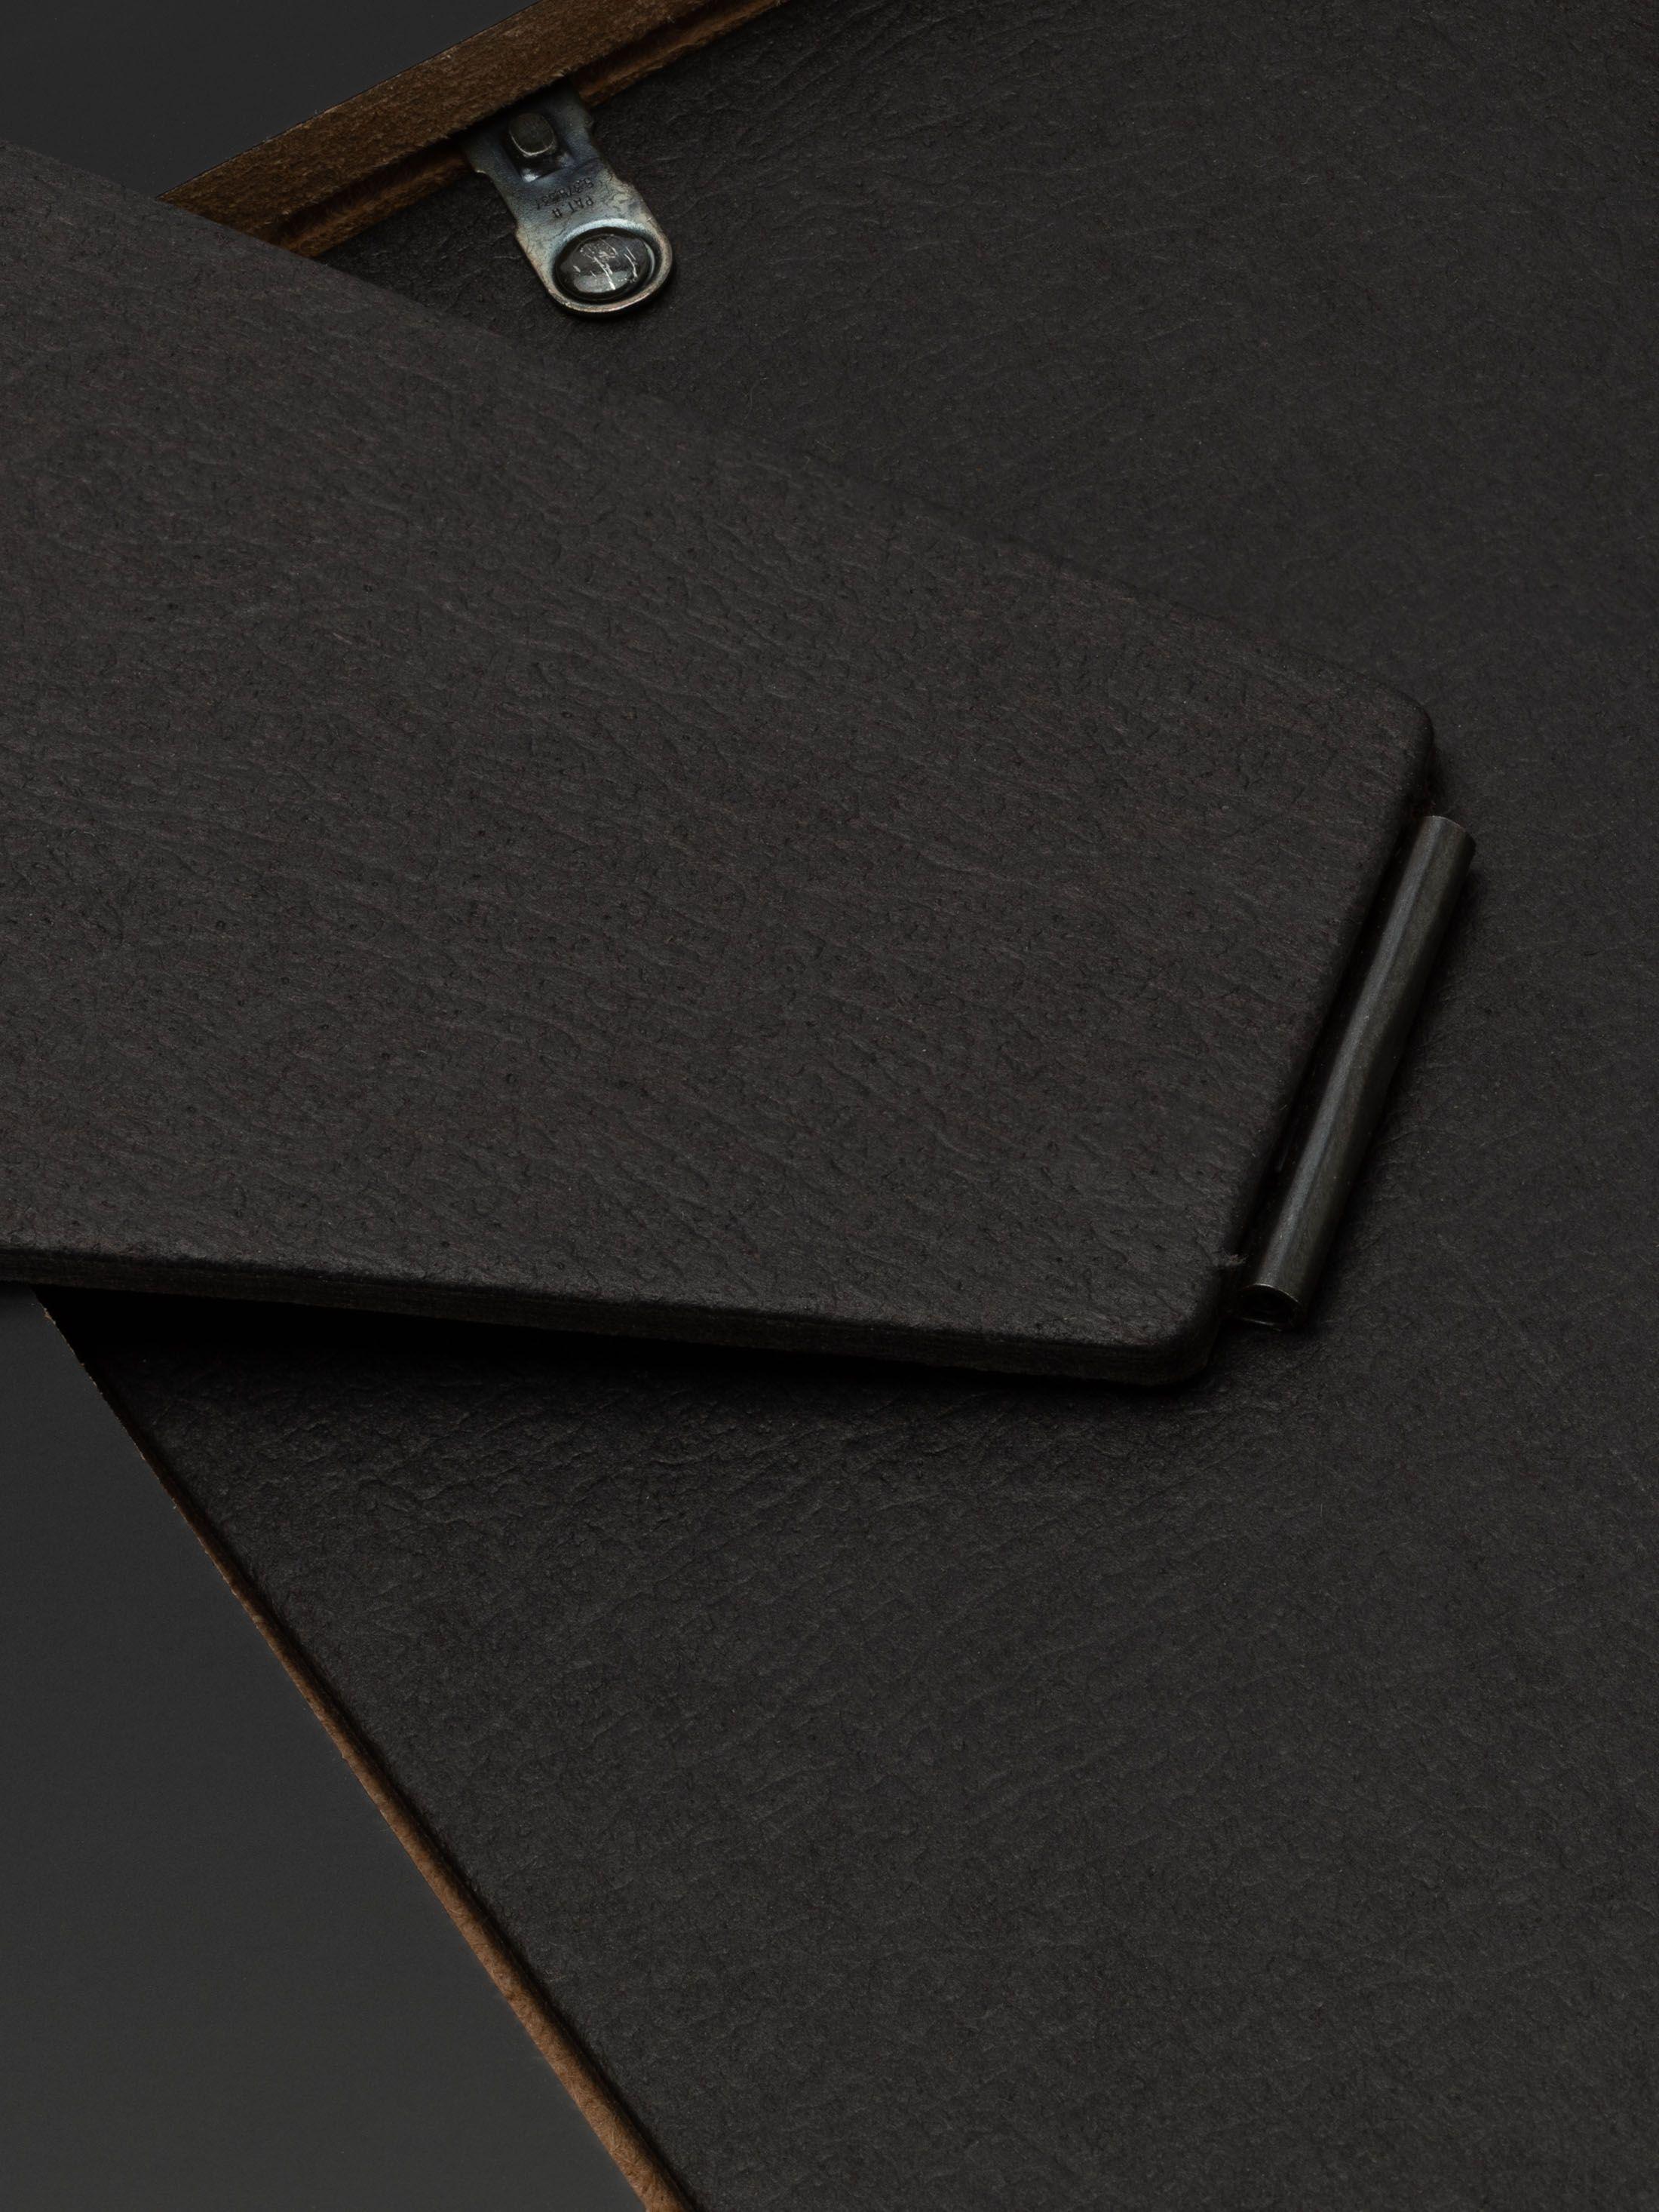 Design Custom Photo Frames Online